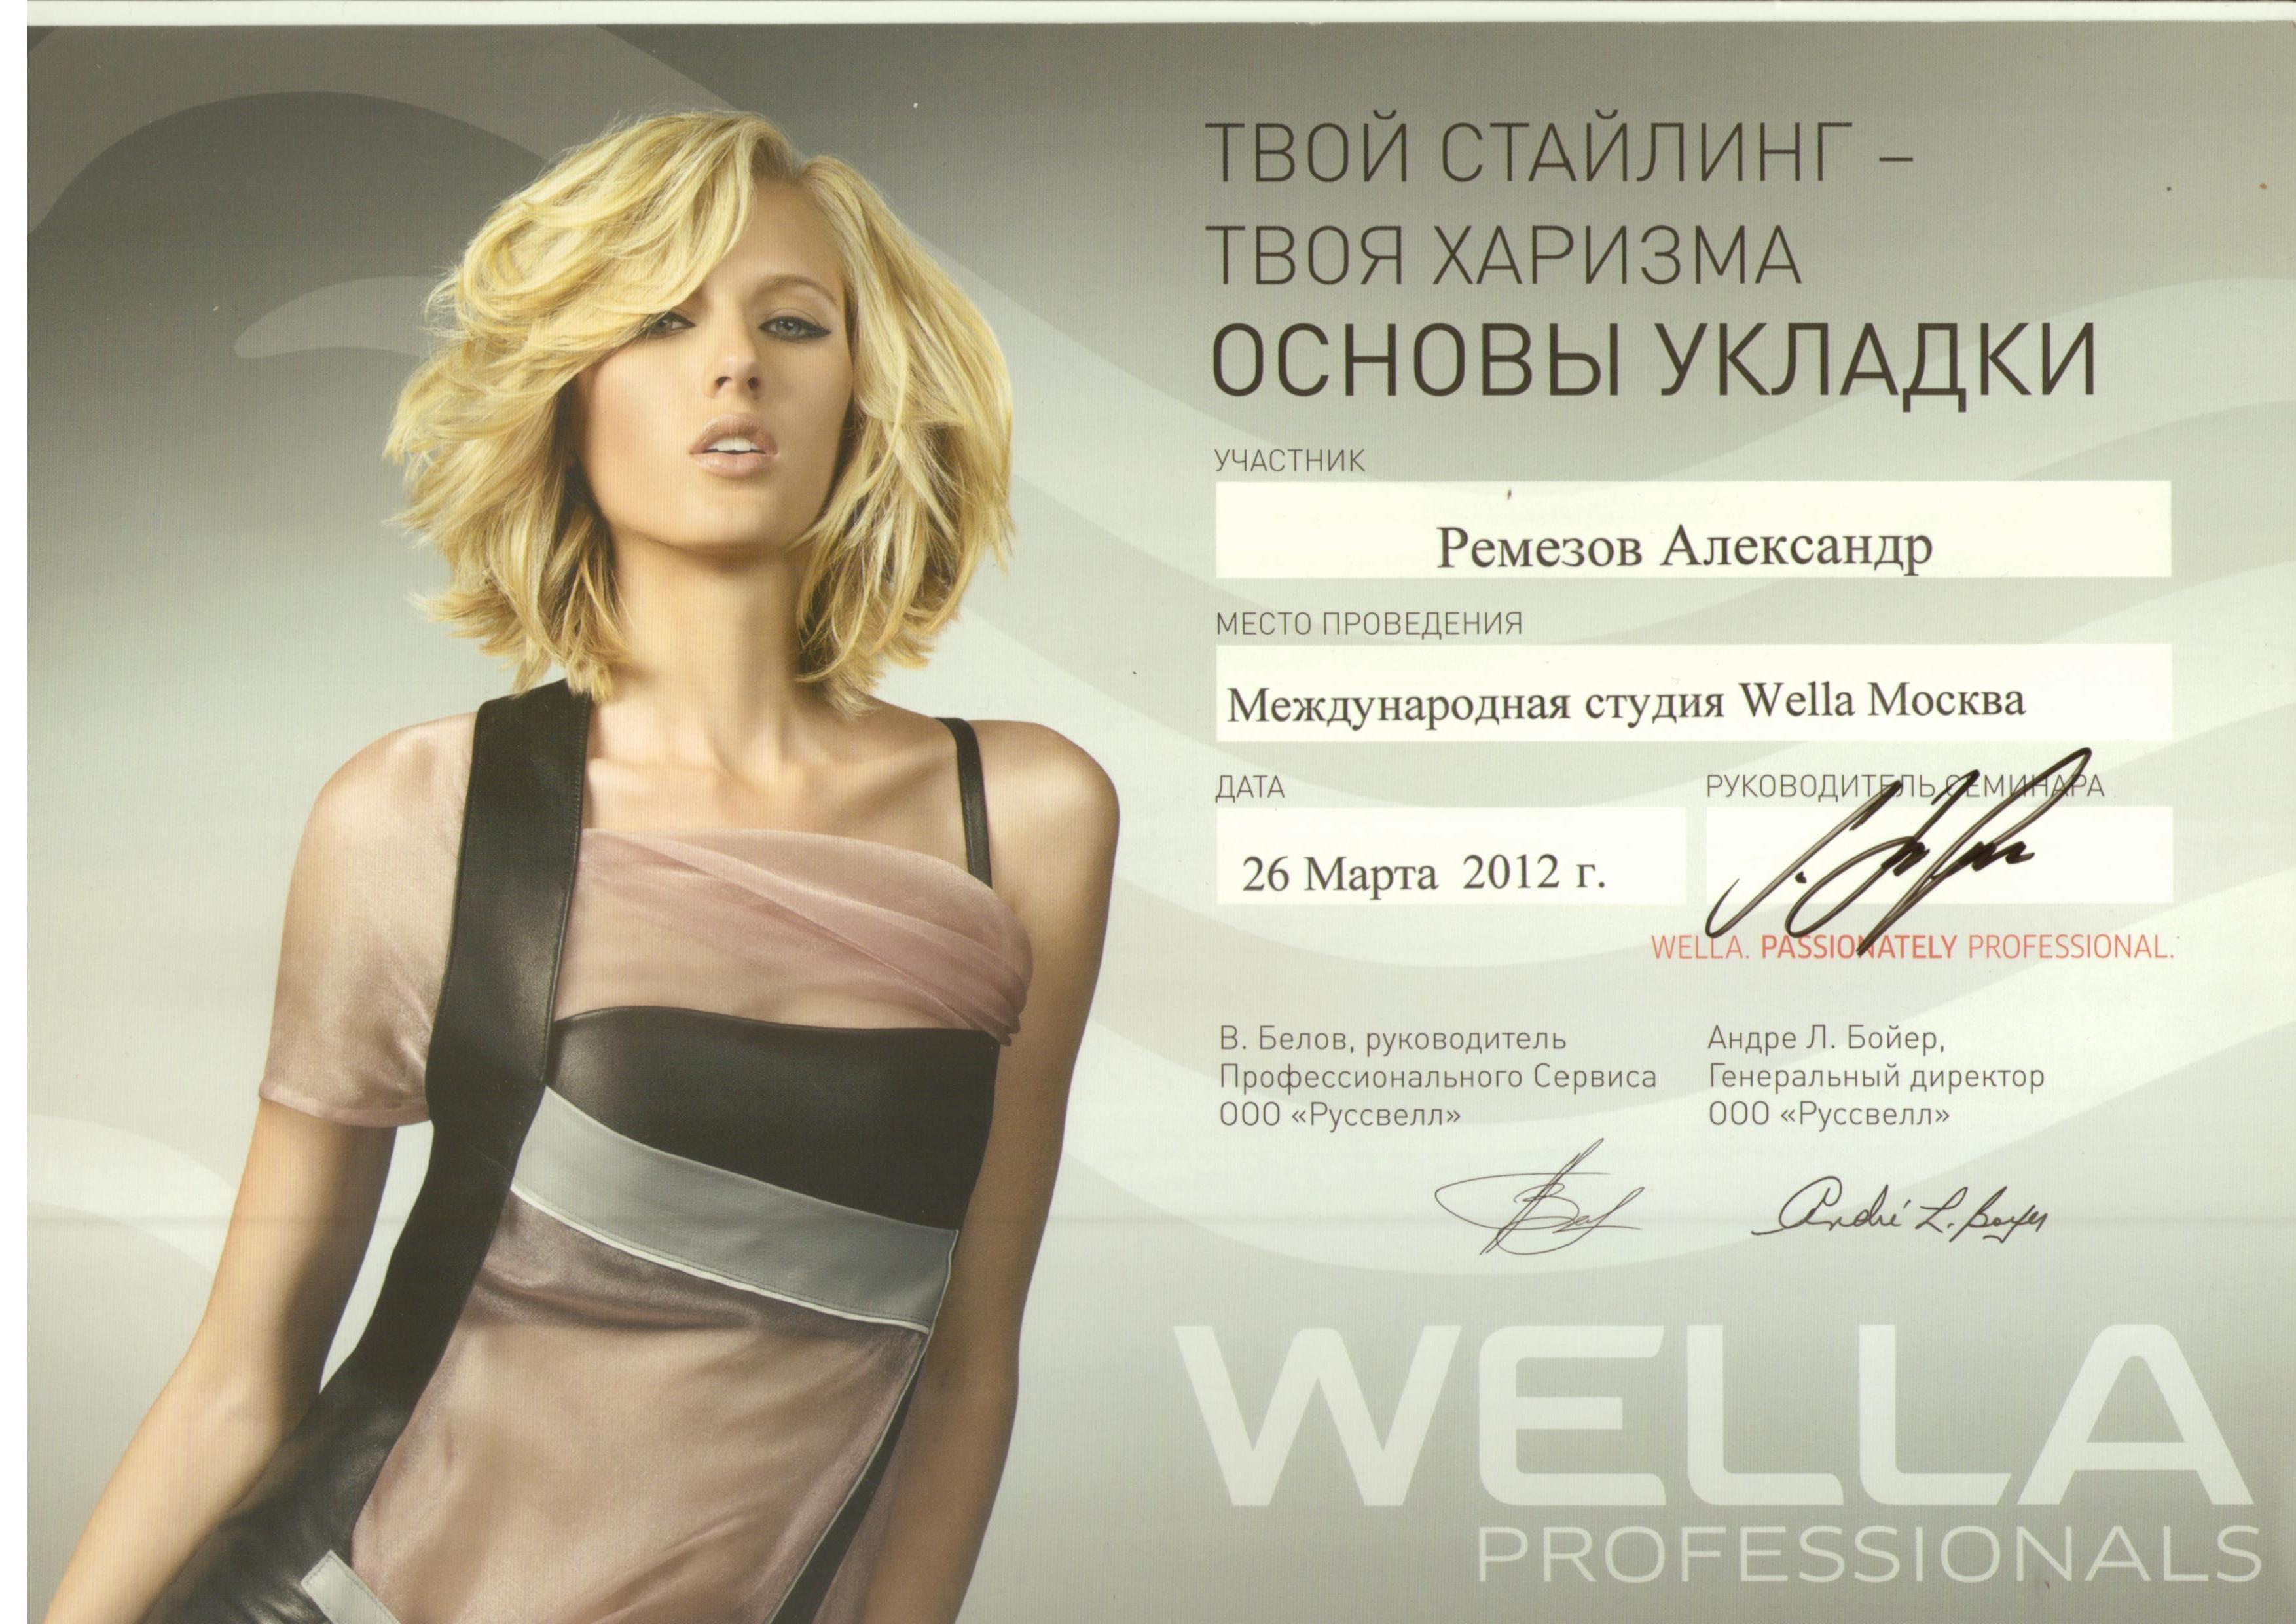 2010 основы укладки wella